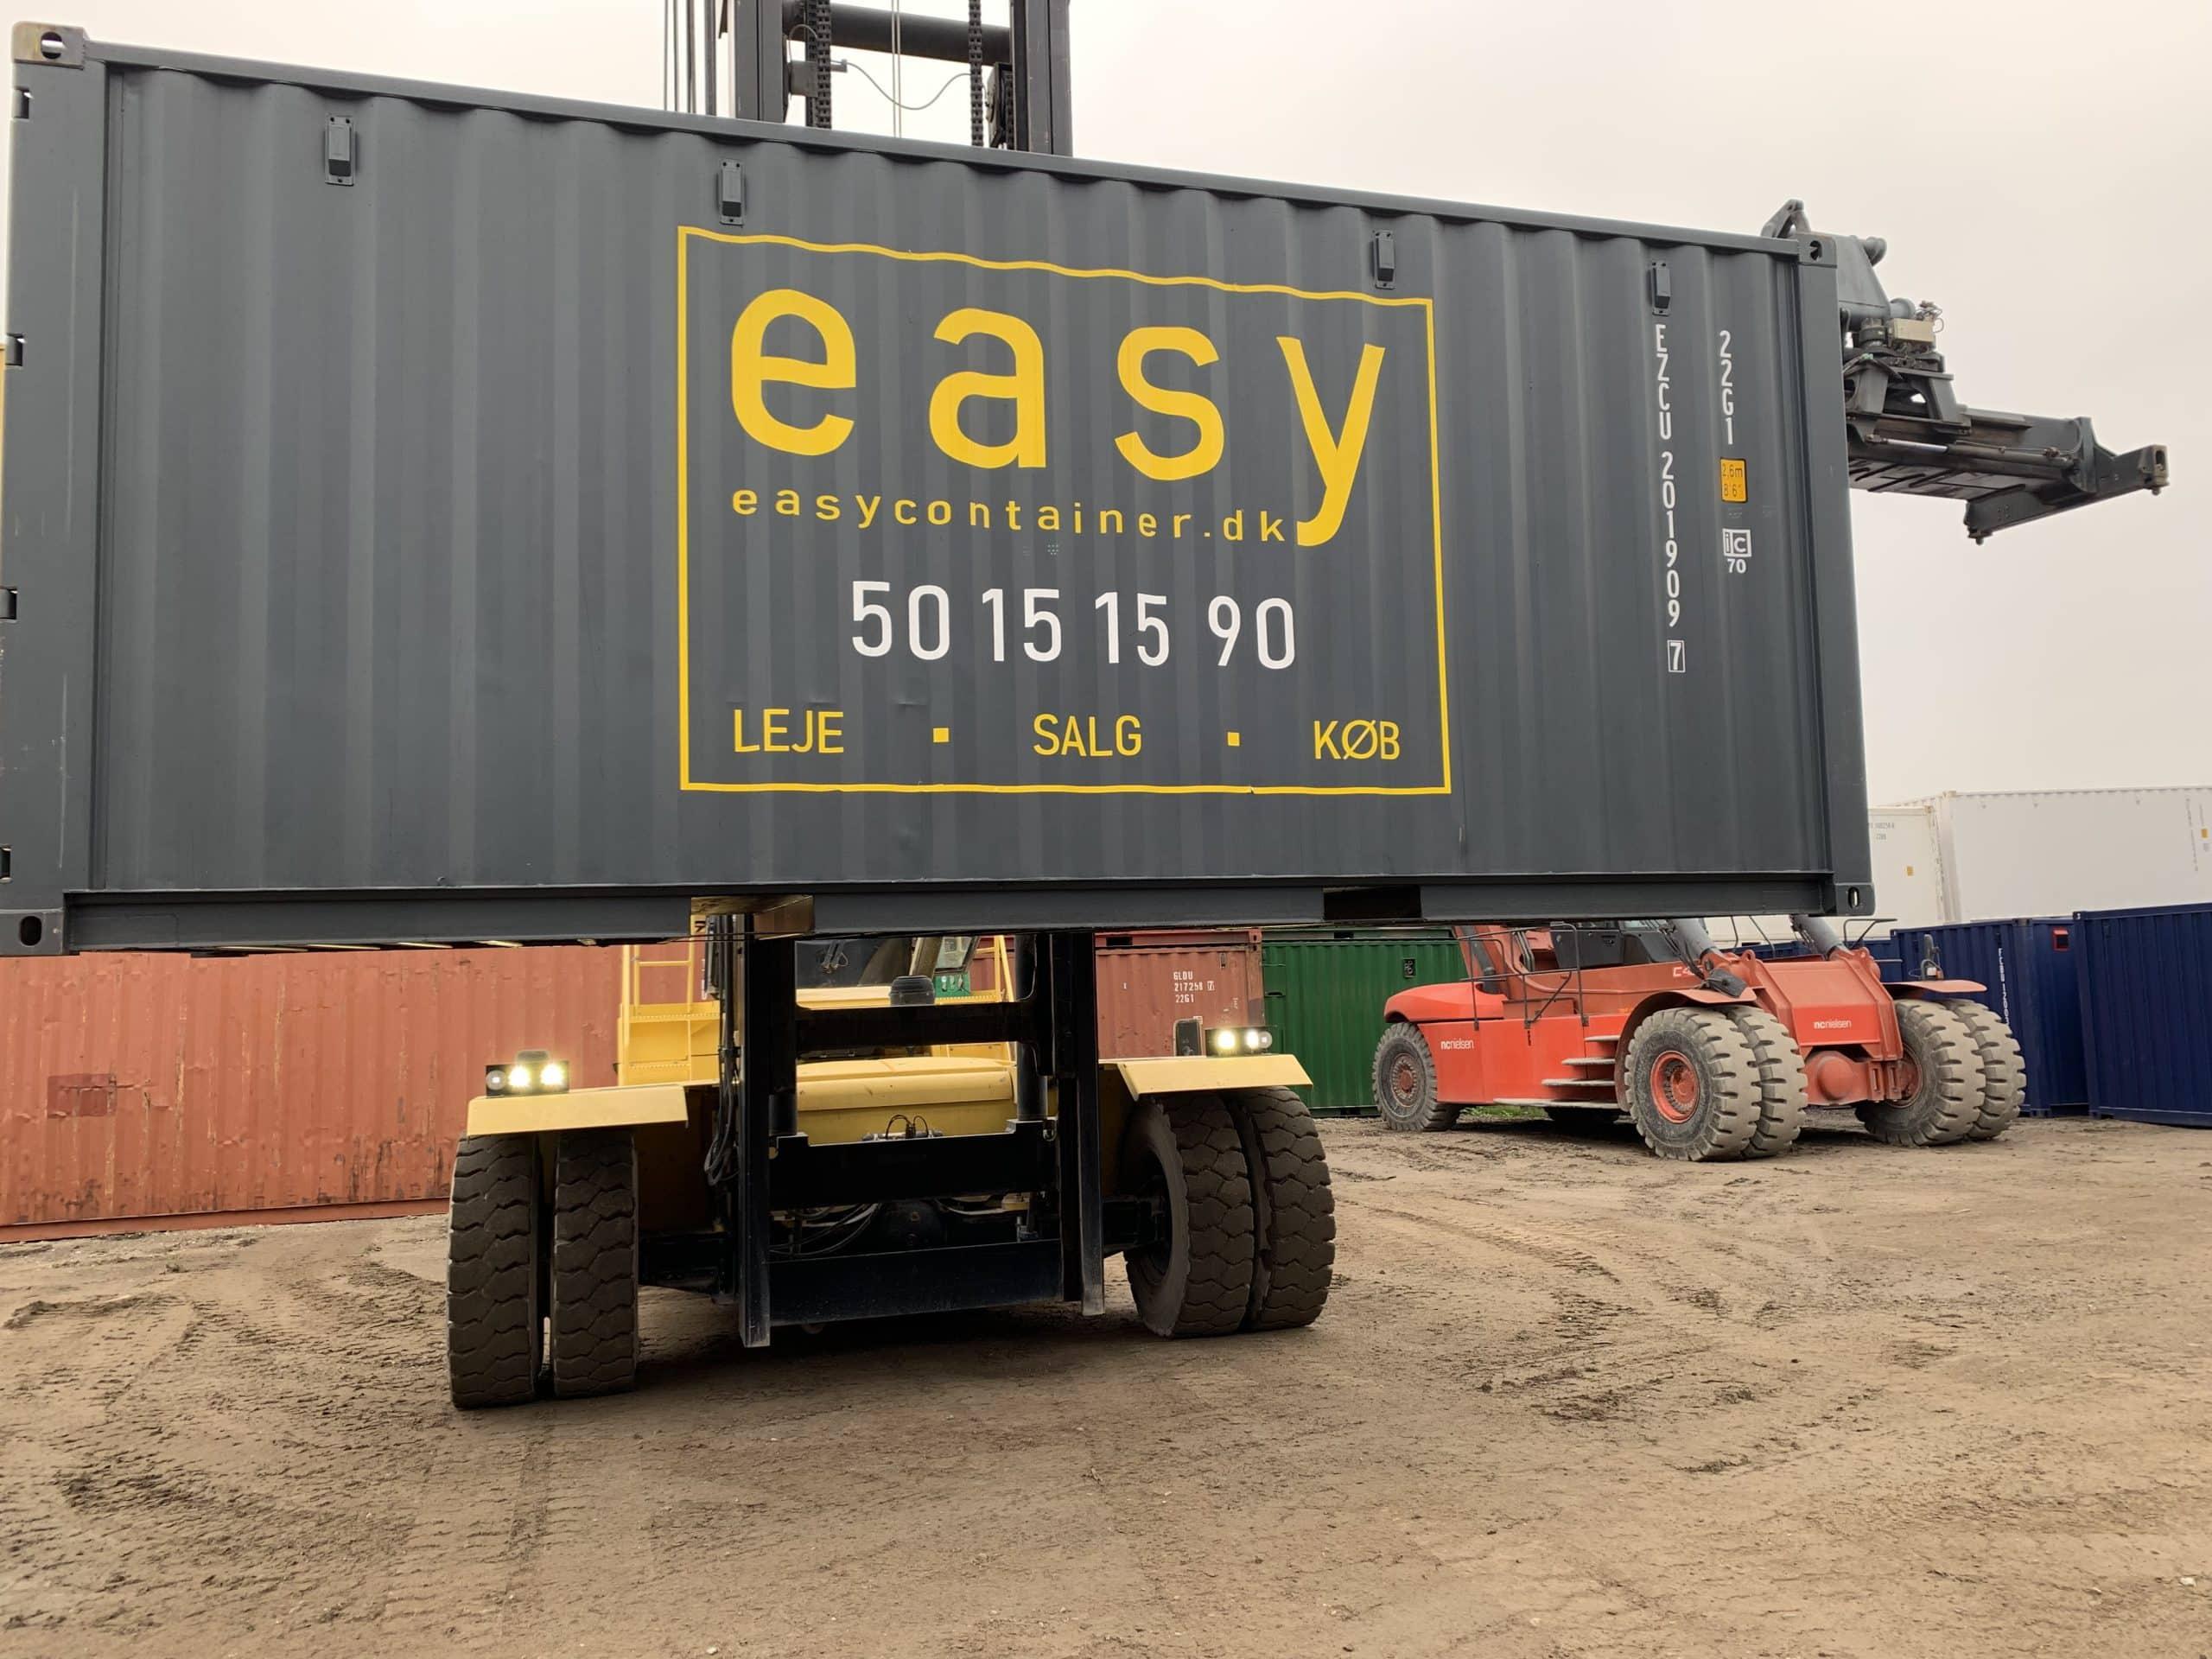 Leje køb og salg container